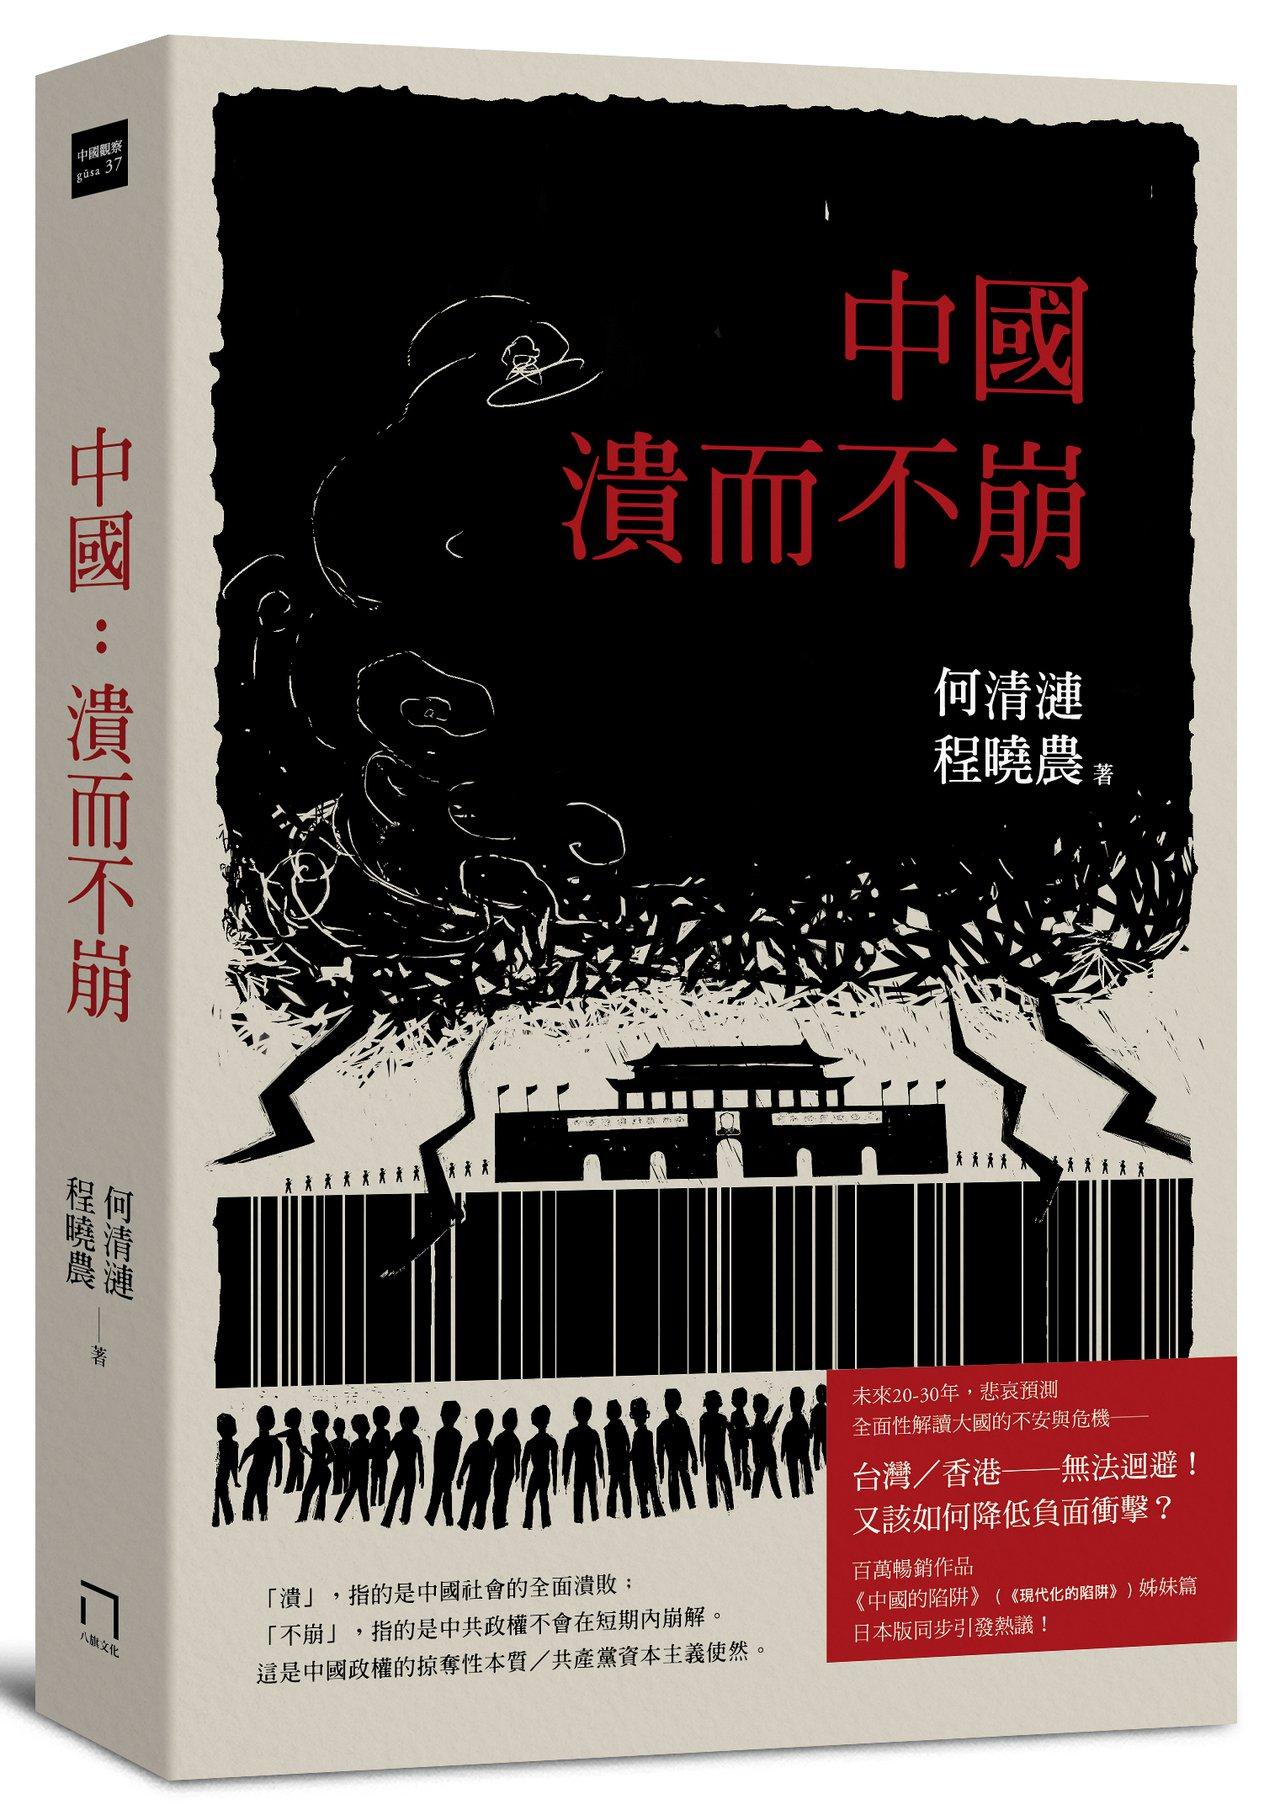 大陸客居美國的中國問題專家何清漣、程曉農近期在台灣出版的新書:《中國:潰而不崩》...